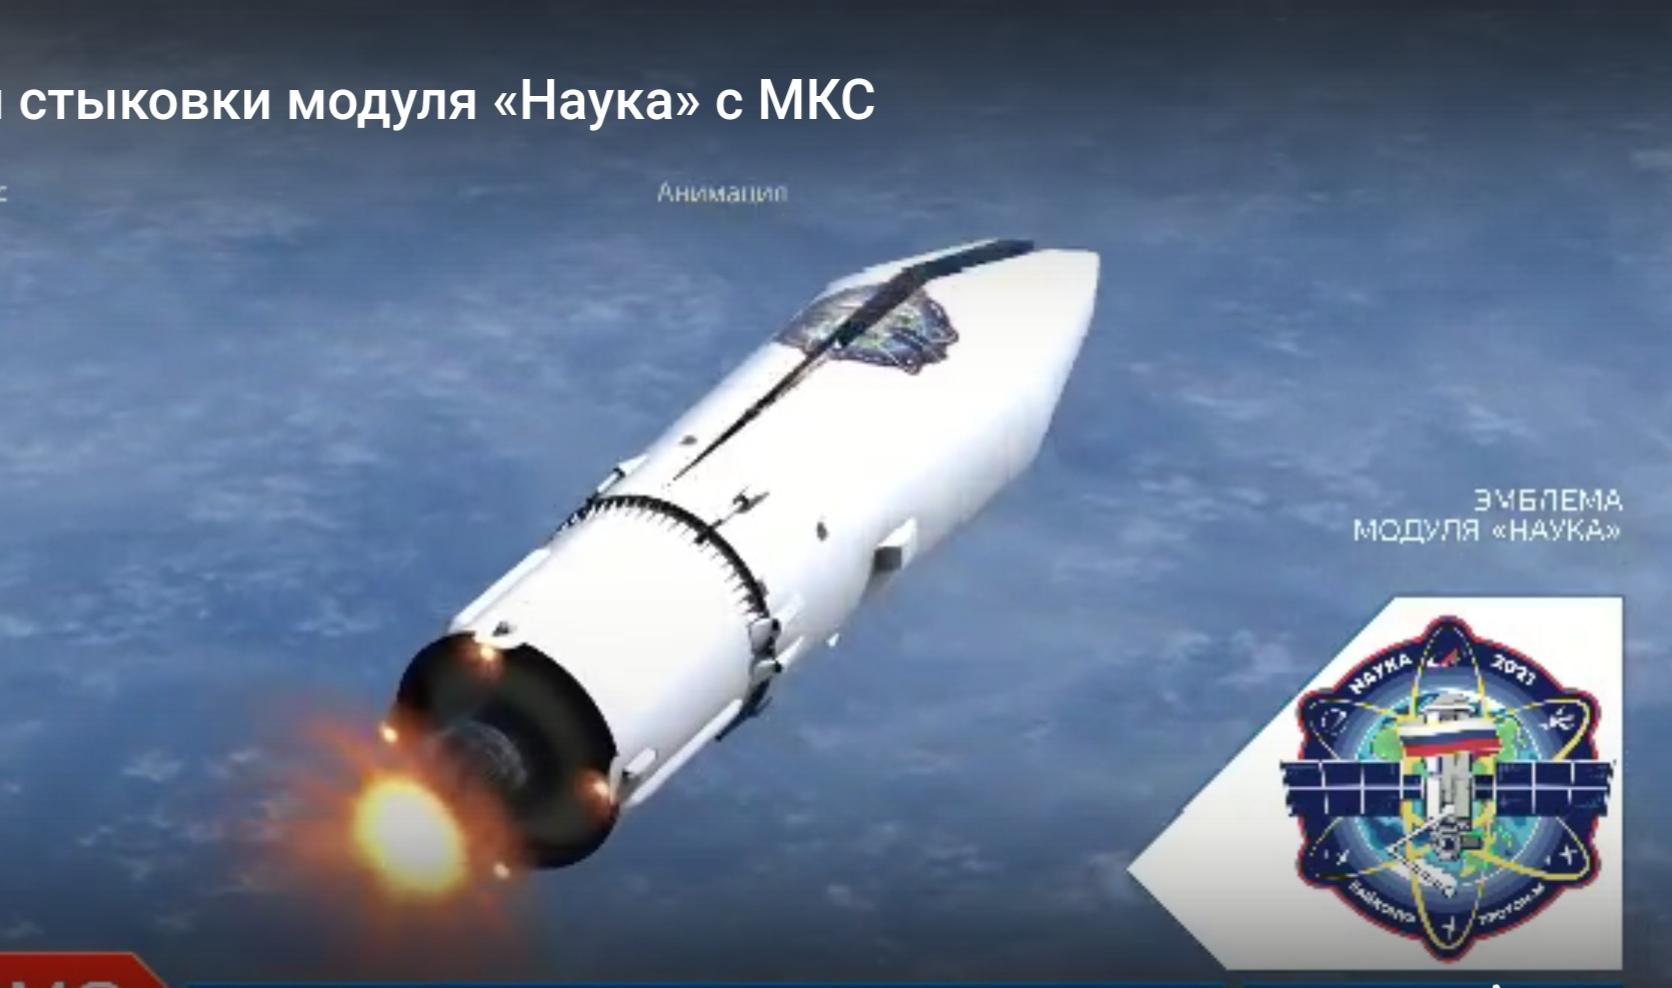 Модуль «Наука» совершил стыковку с МКС